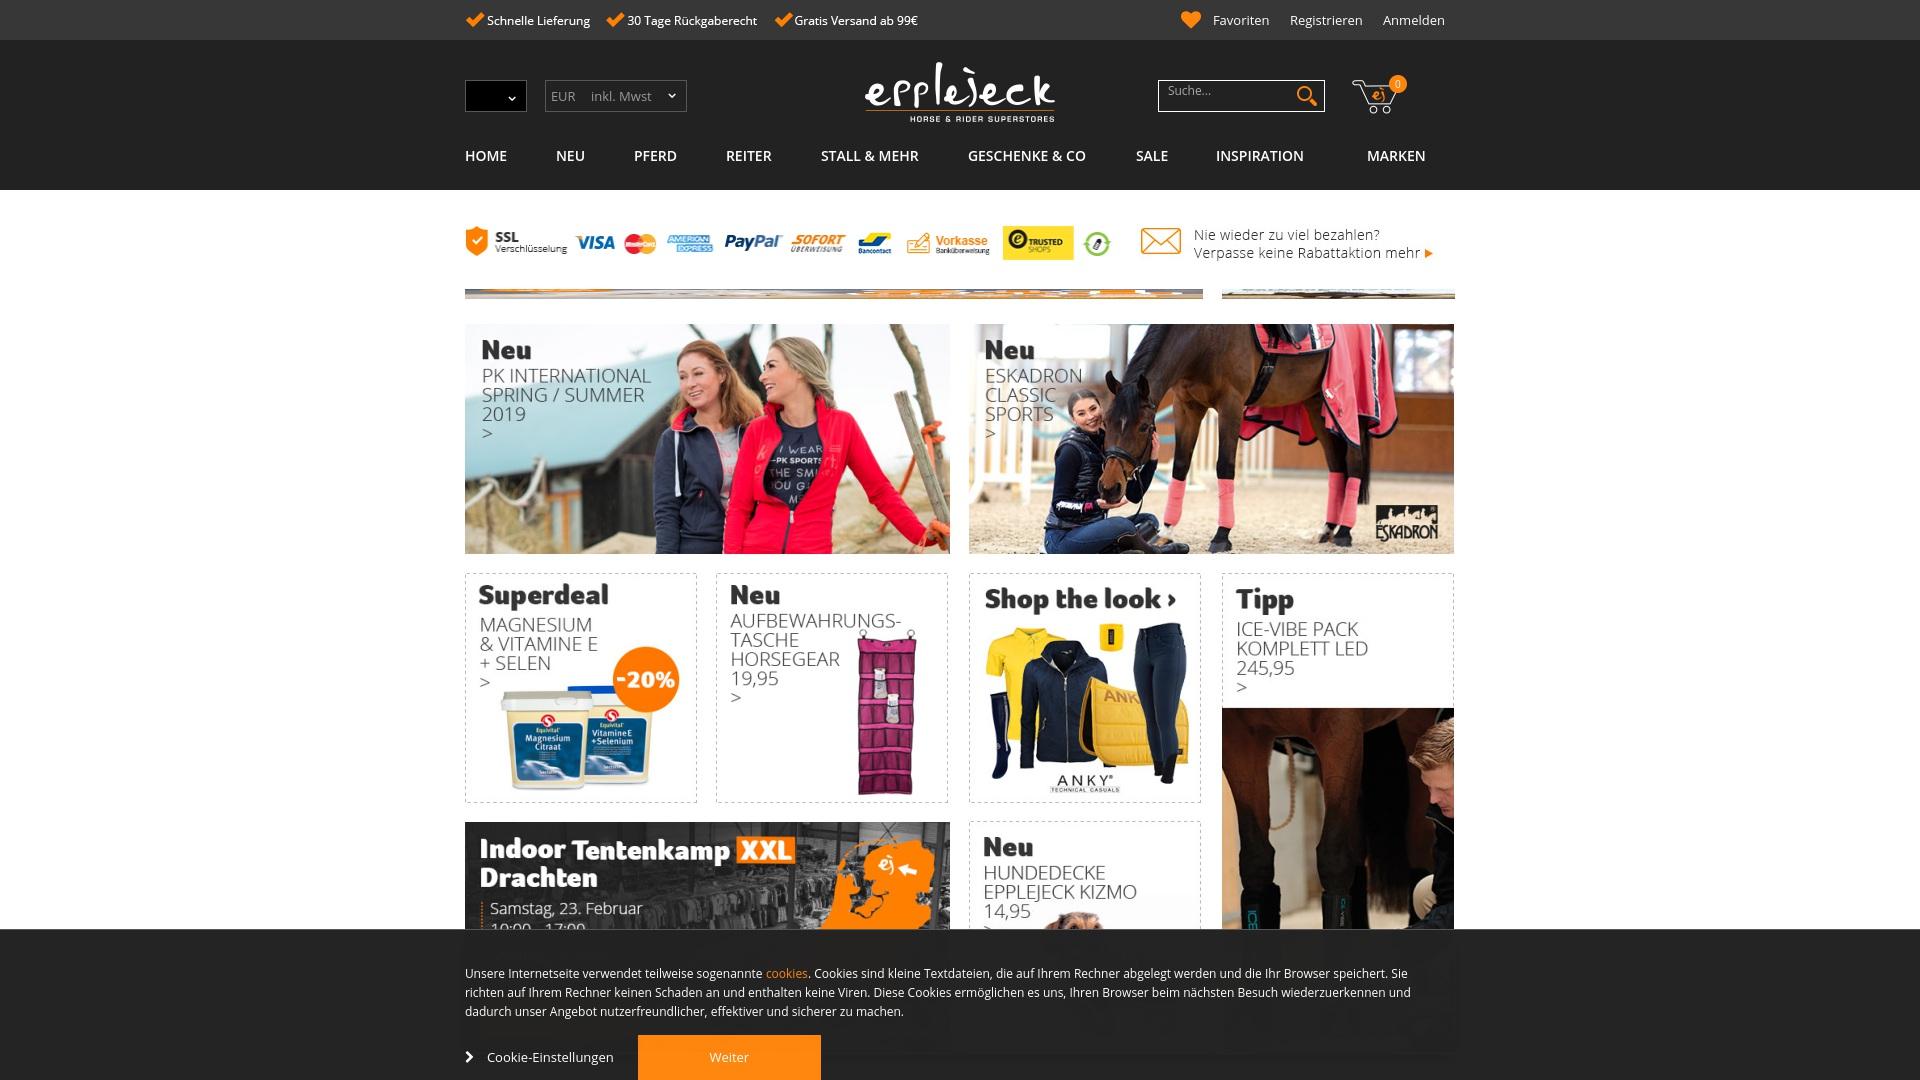 Gutschein für Epplejeck-reitsport: Rabatte für  Epplejeck-reitsport sichern